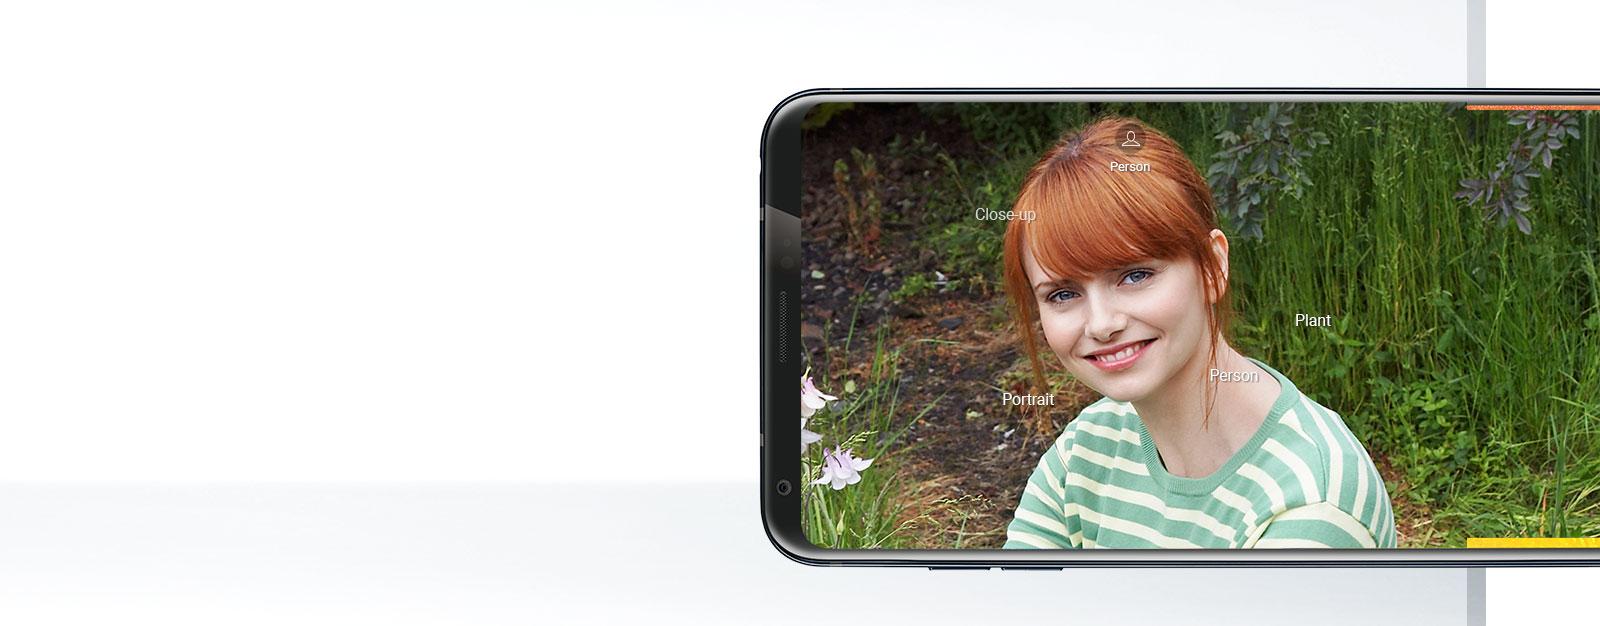 LG V35 ThingQ IA Cam